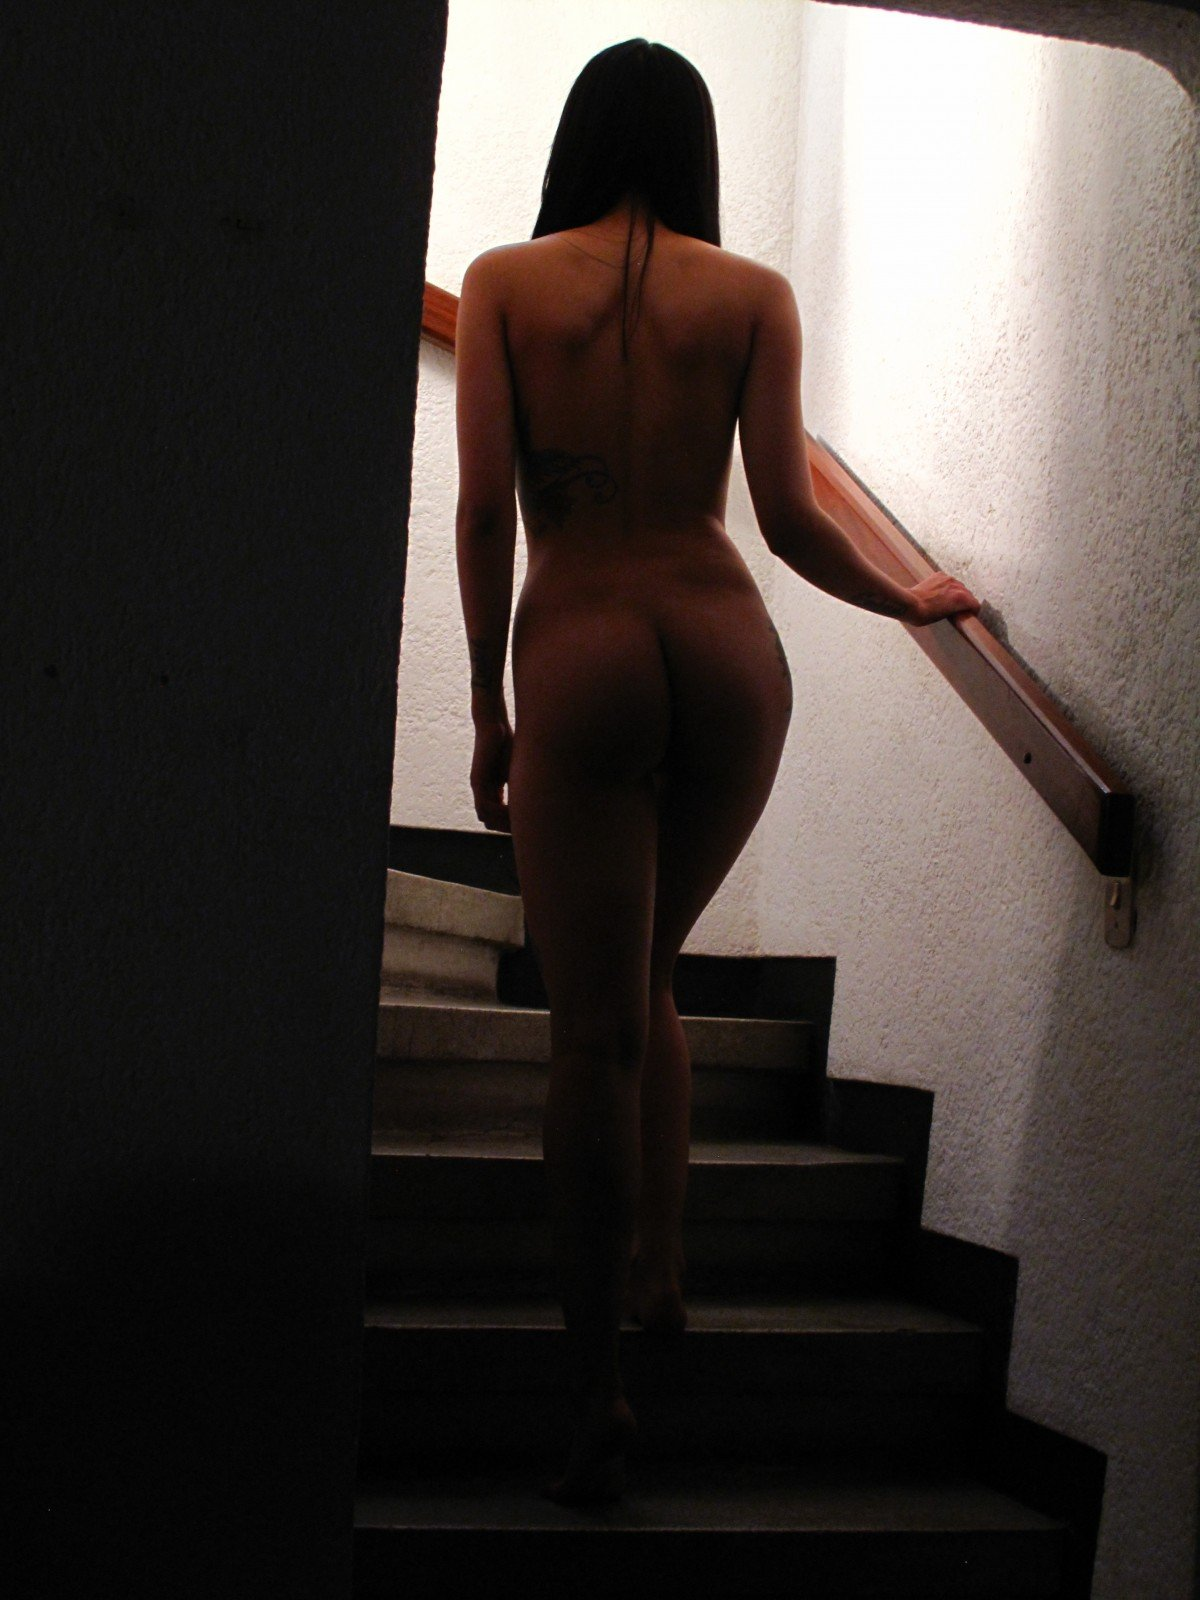 Максимальное удовлетворение женщины в сексе